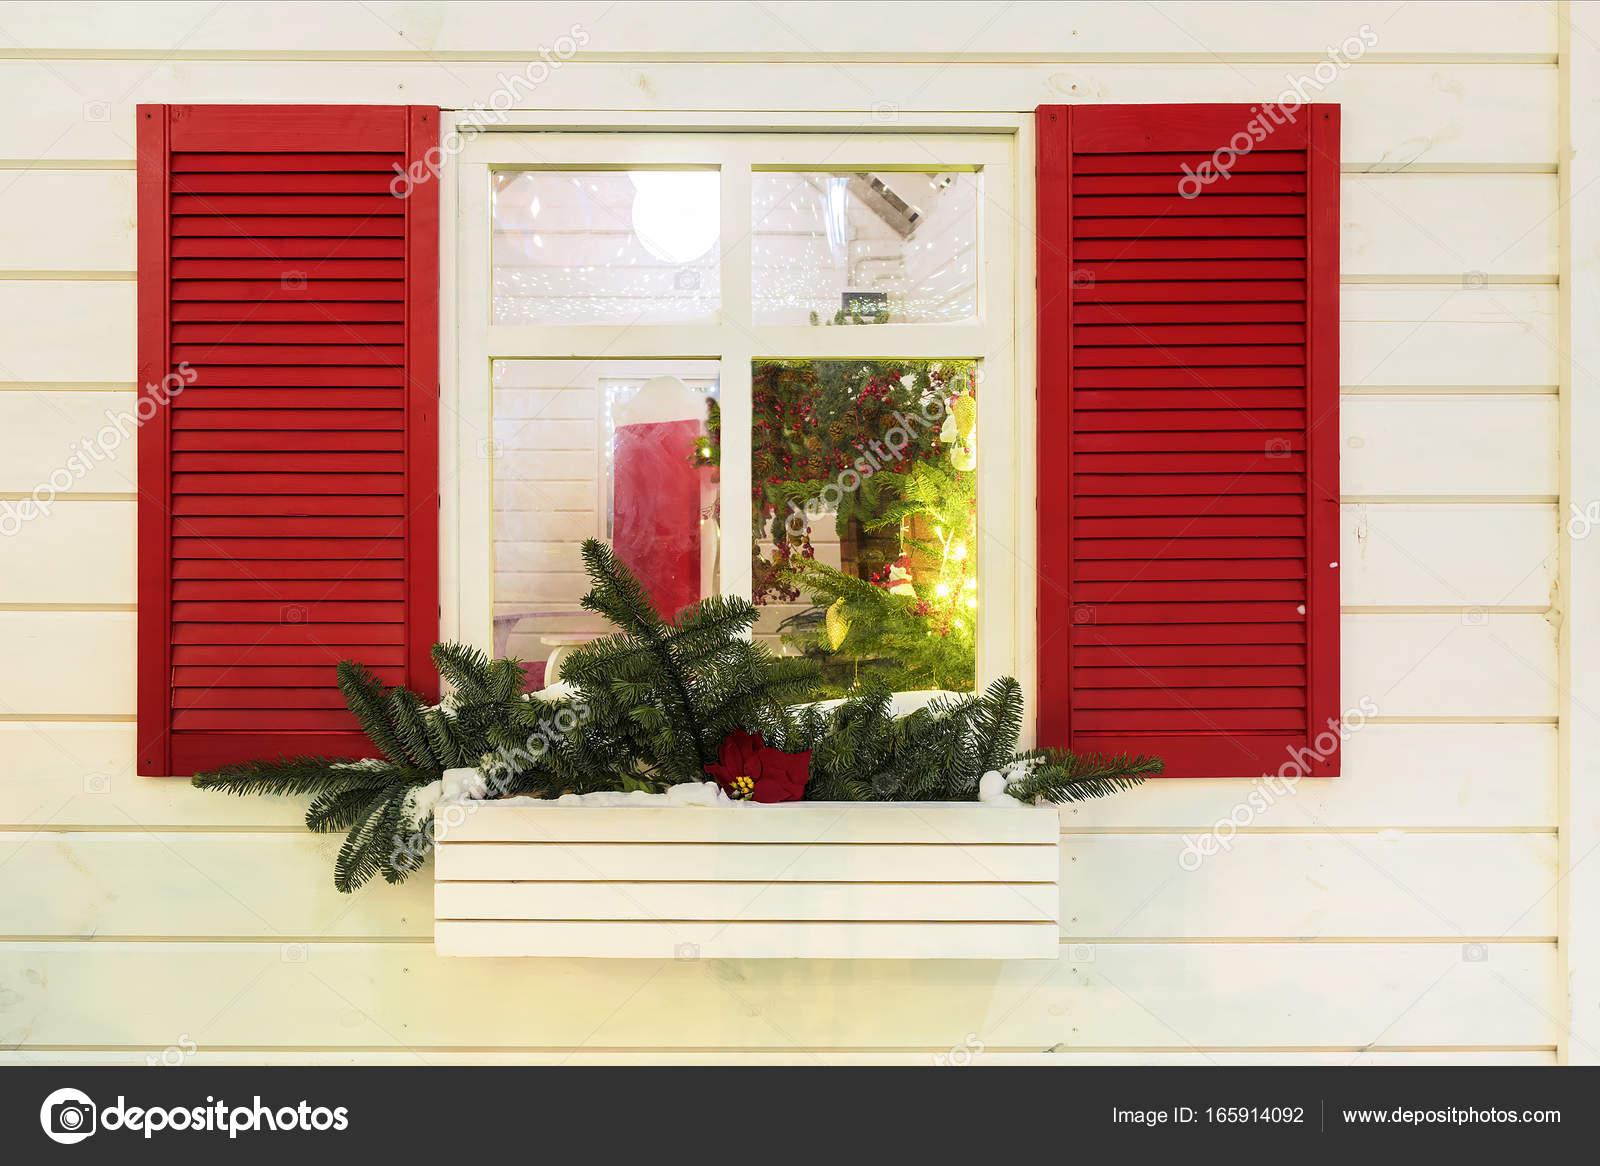 Decorazione Finestre Per Natale : Finestra con persiane rossi decorato per natale u2014 foto stock © deb